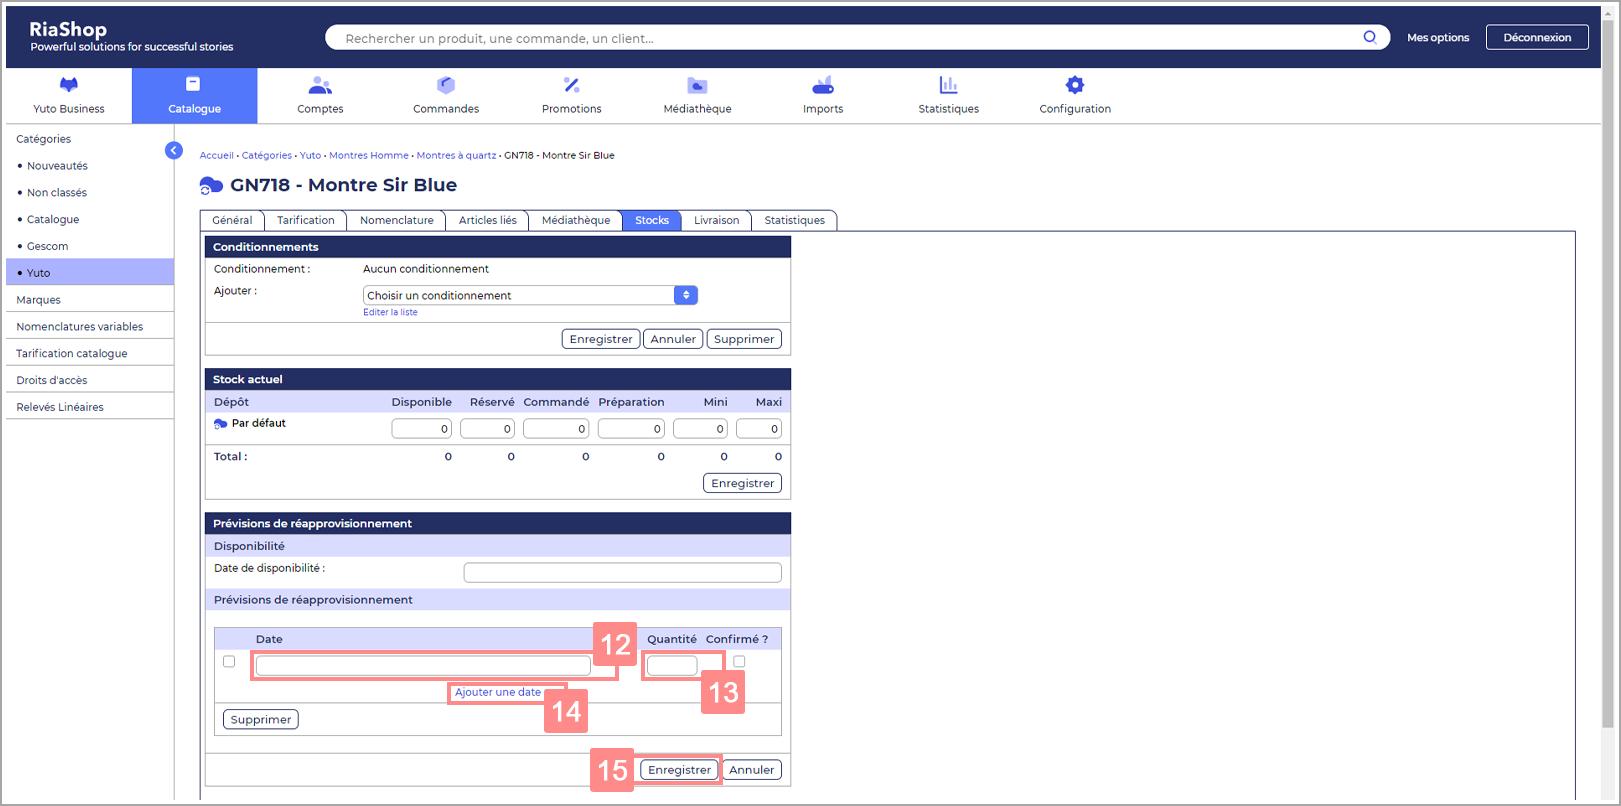 Date de réapprovisionnement de stock d'un produit - Site d'ide RiaShop / Yuto